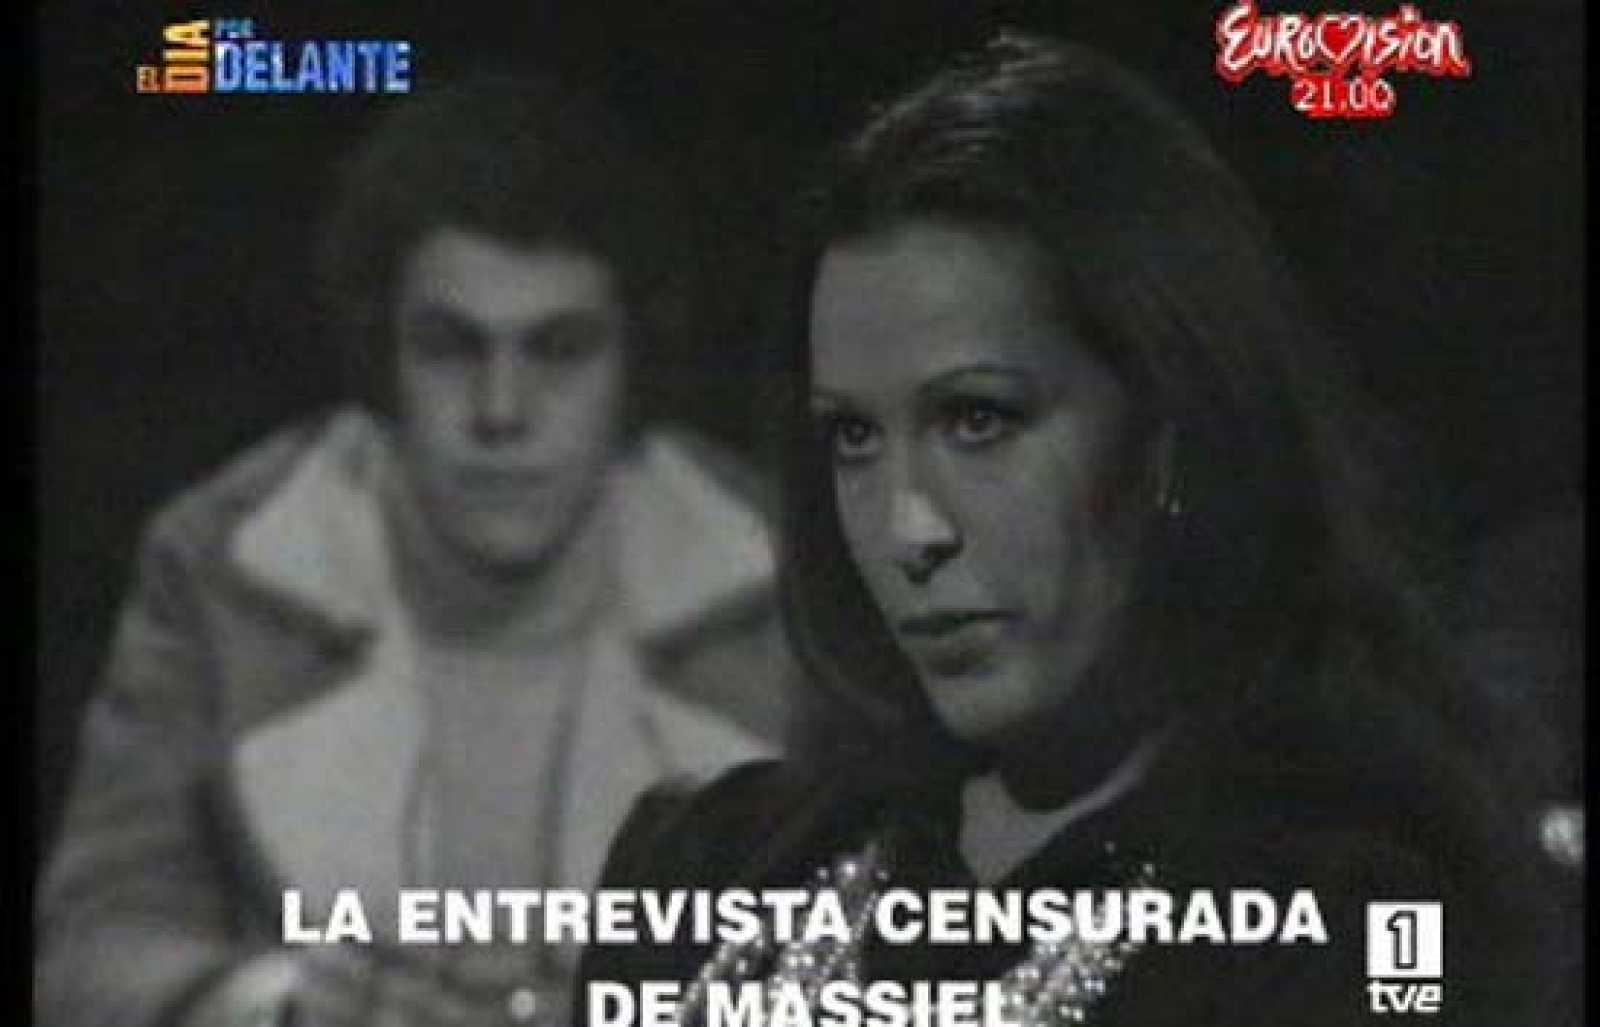 El día por delante emite en exclusiva una entrevista a Massiel que fue censurada en 1973 y en la que pedía la instauración del divorcio y se declaraba antifascista (24/05/08).